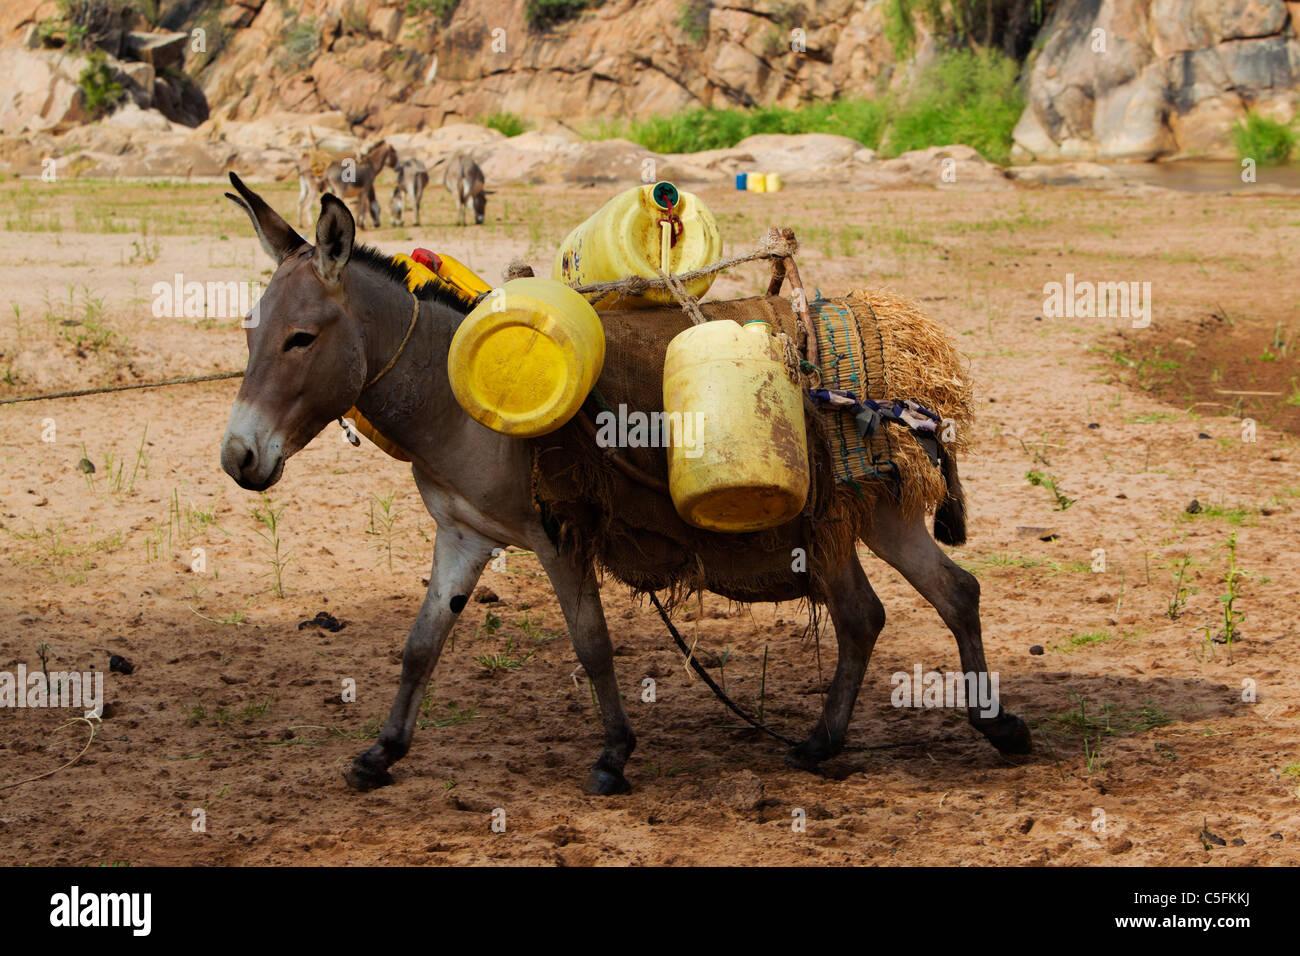 Burro con tambores de agua a orillas del río Uaso Nyiro en Kenya Imagen De Stock